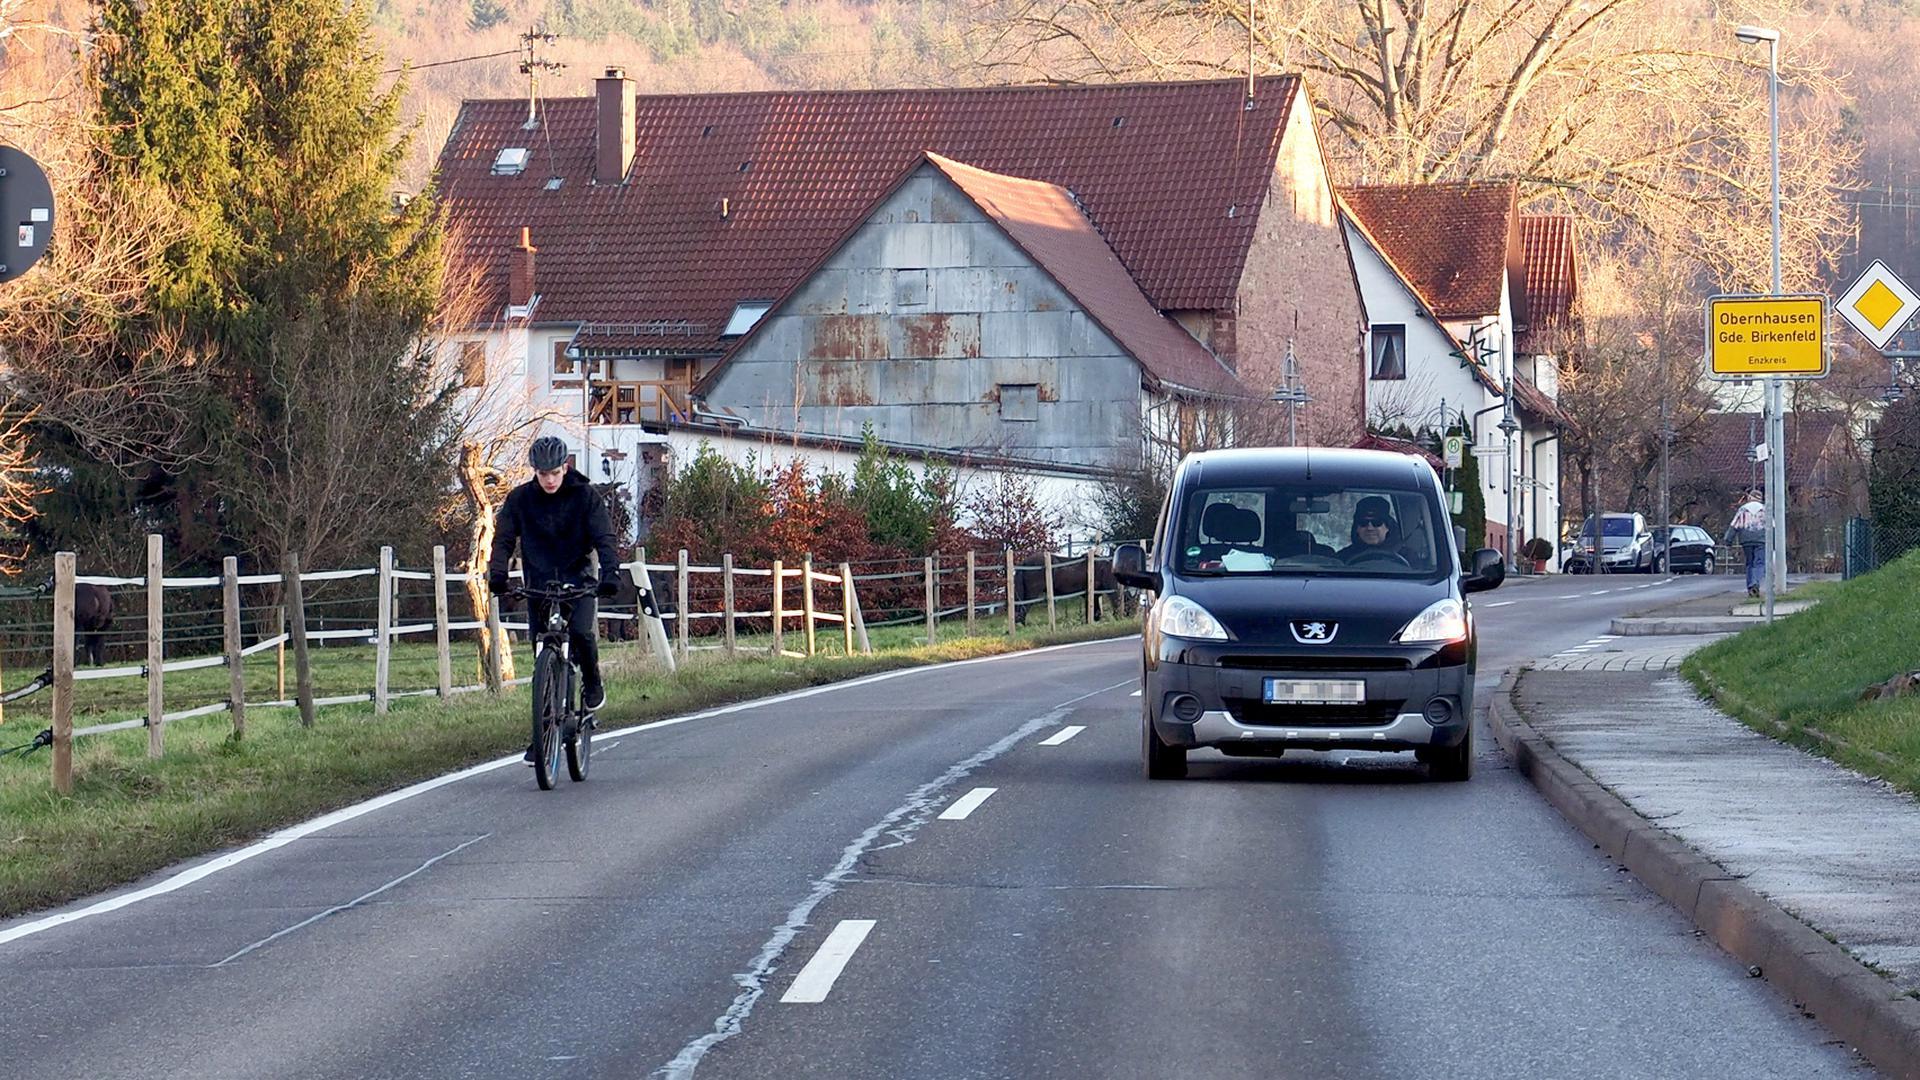 Radfahrer sich jetzt sie richtig wie verhalten Sie Möchten